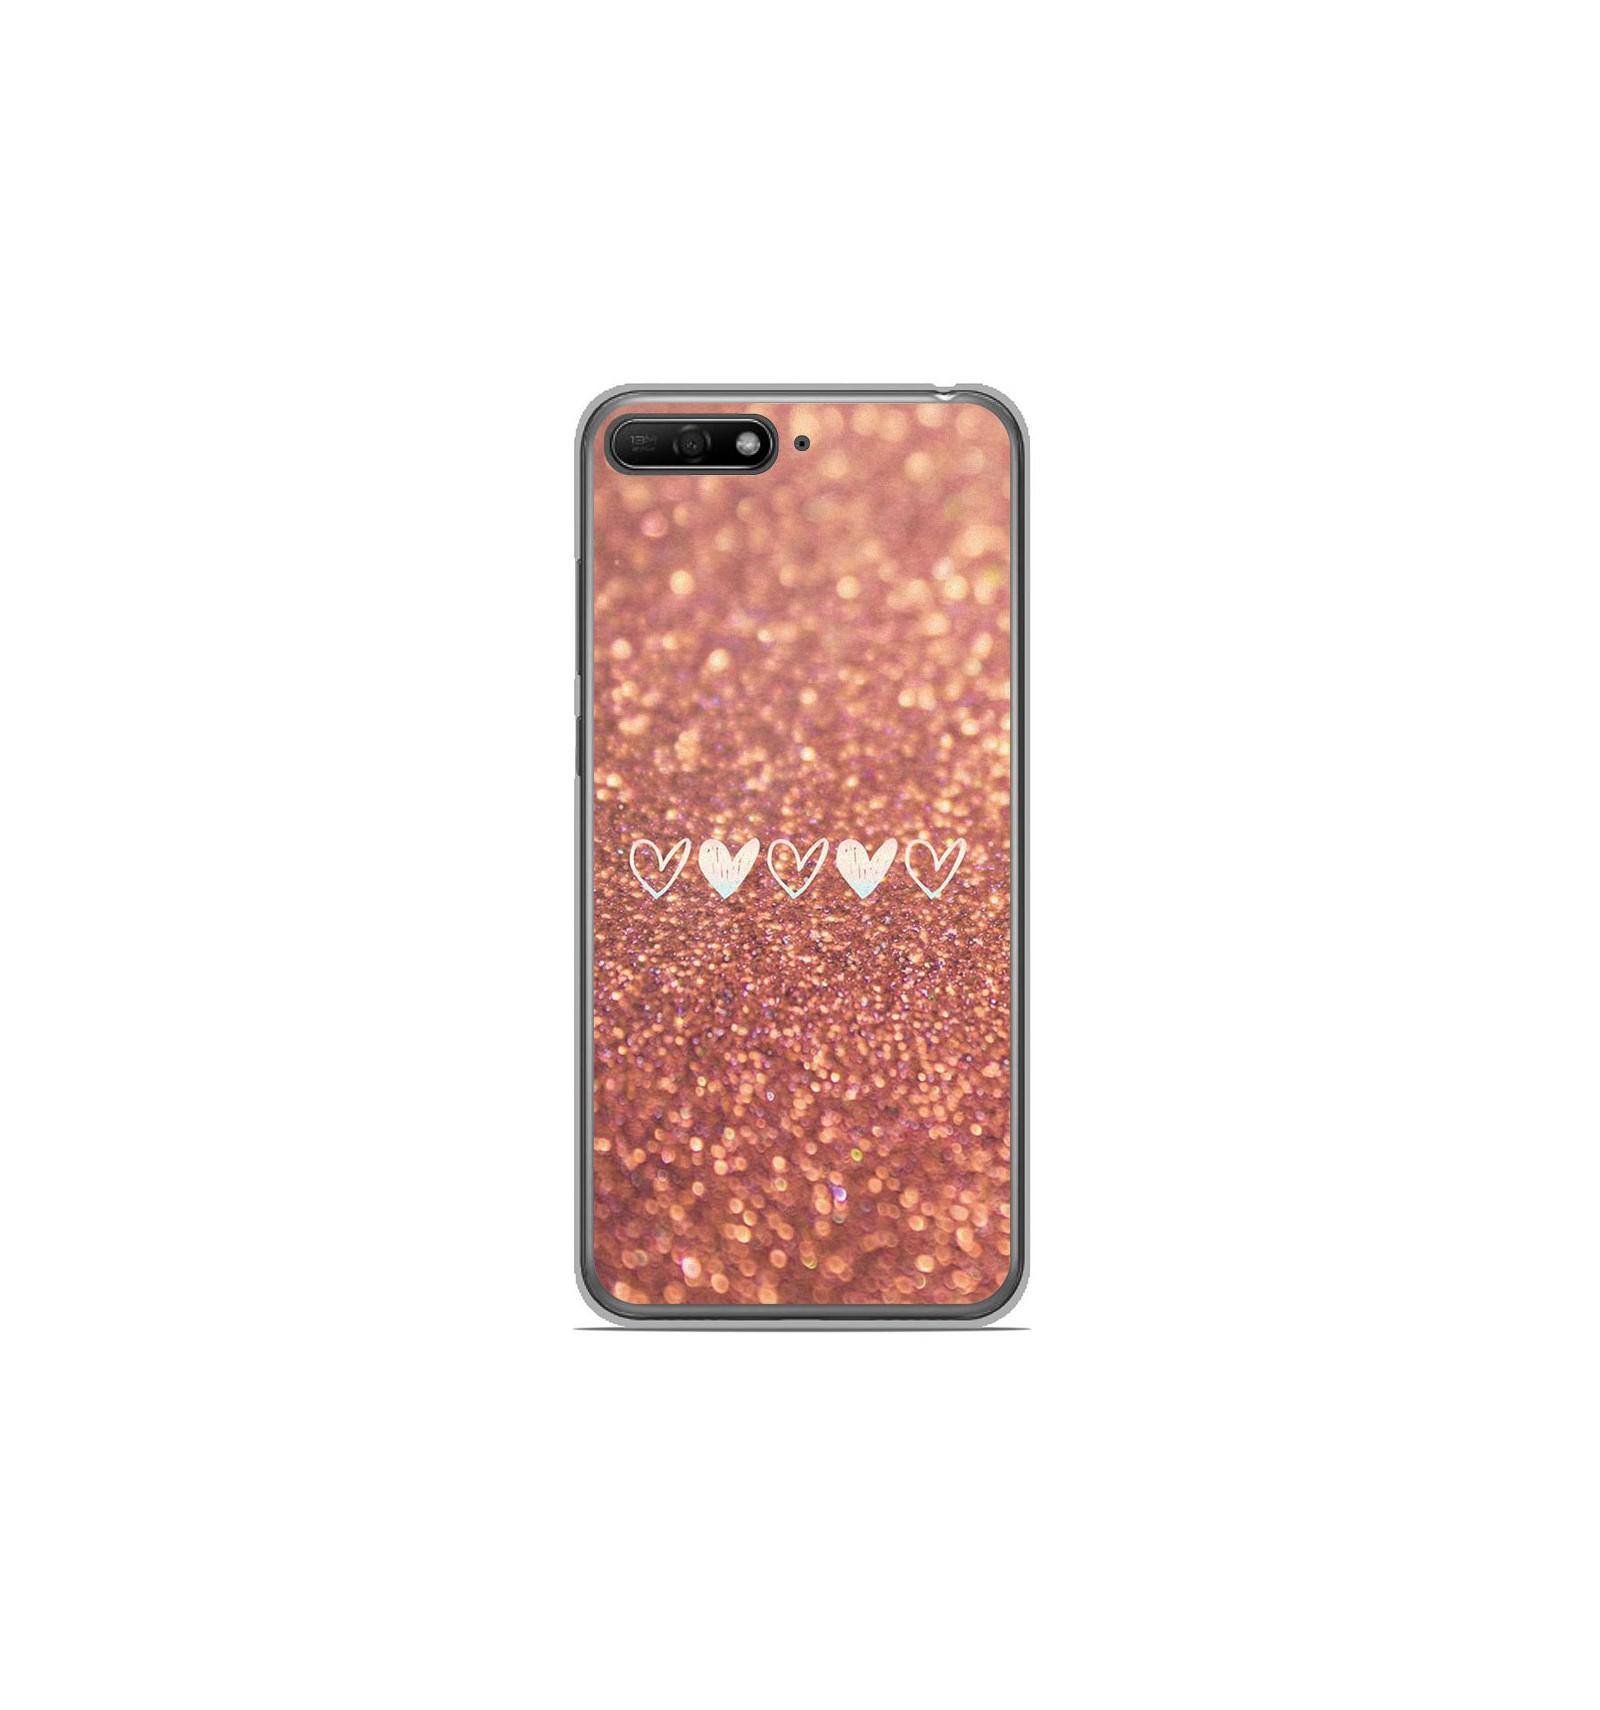 Coque en silicone Huawei Y6 2018 - Paillettes coeur